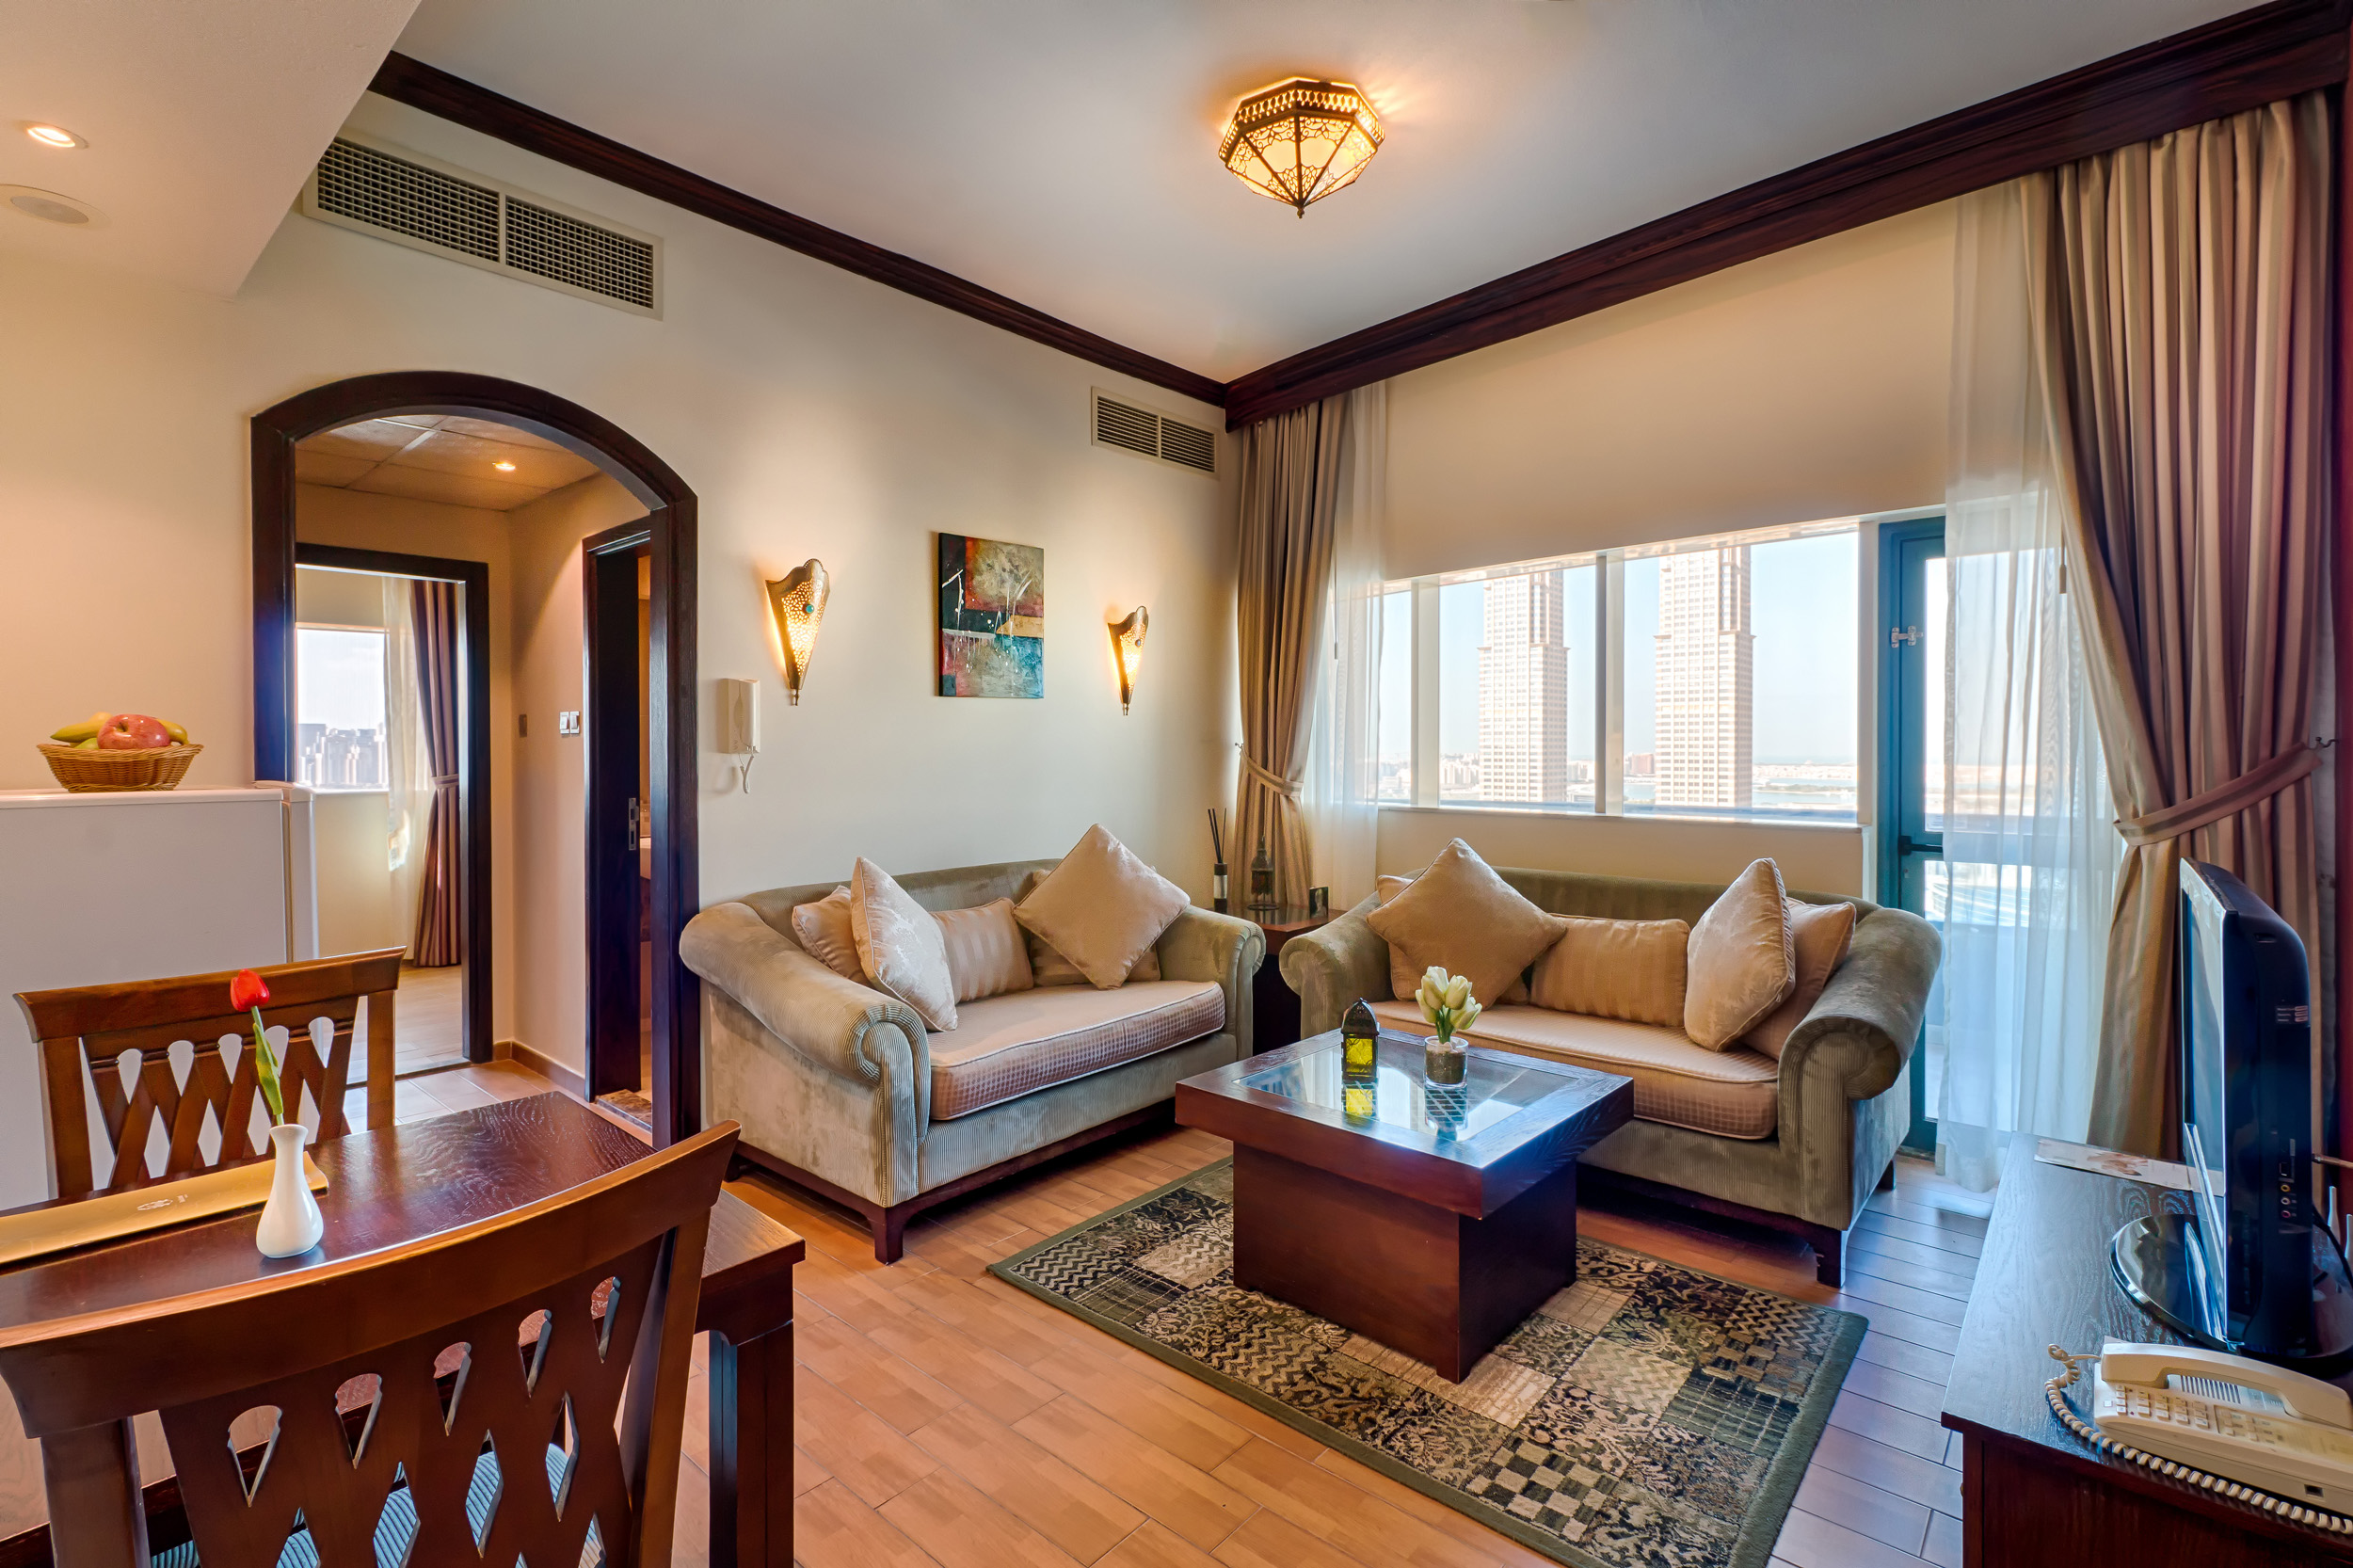 Hotel Room - Dubai UAE - Interiors \u0026 Architecture & Interiors \u0026 Architecture | Navin Khianey Photography